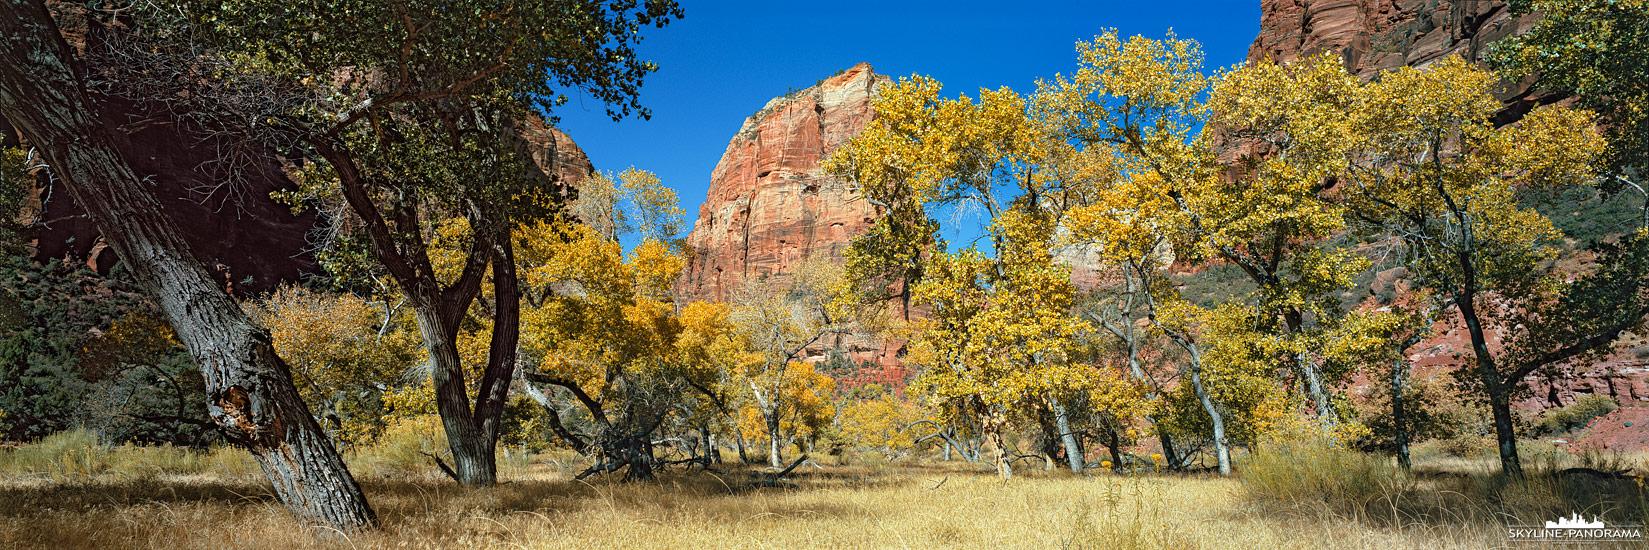 Panorama Zion Nationalpark - Unterwegs im Canyon des Zion Nationalparks, kurz vor Big Bend mit Blick auf Angels Landing. Das 6x17 Panorama entstand Anfang November und zeigt die Cottenwood Trees mit herbstlicher Laubfärbung.